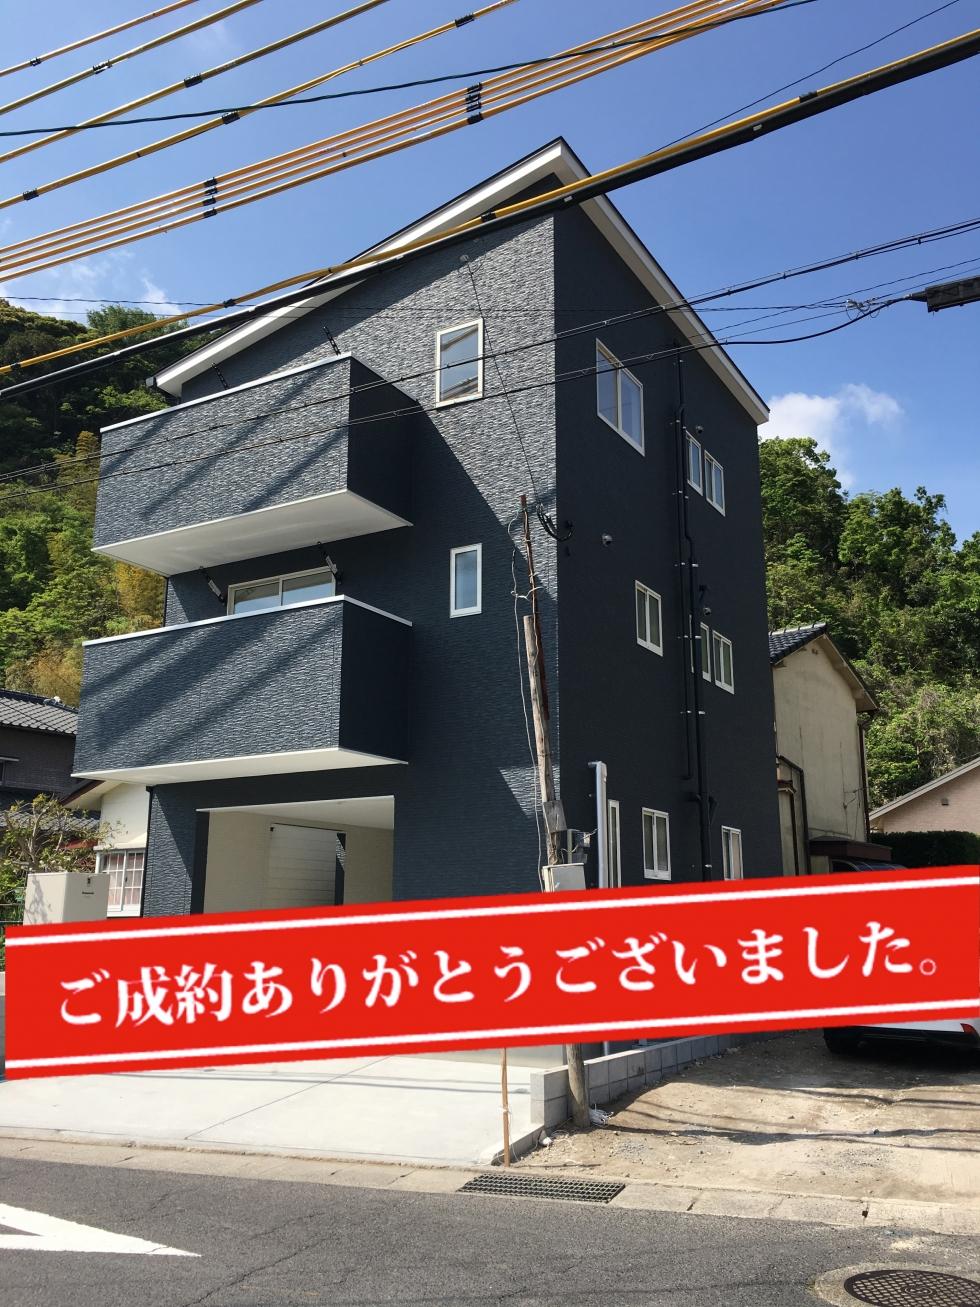 売戸建住宅「鹿児島田上5丁目A棟」